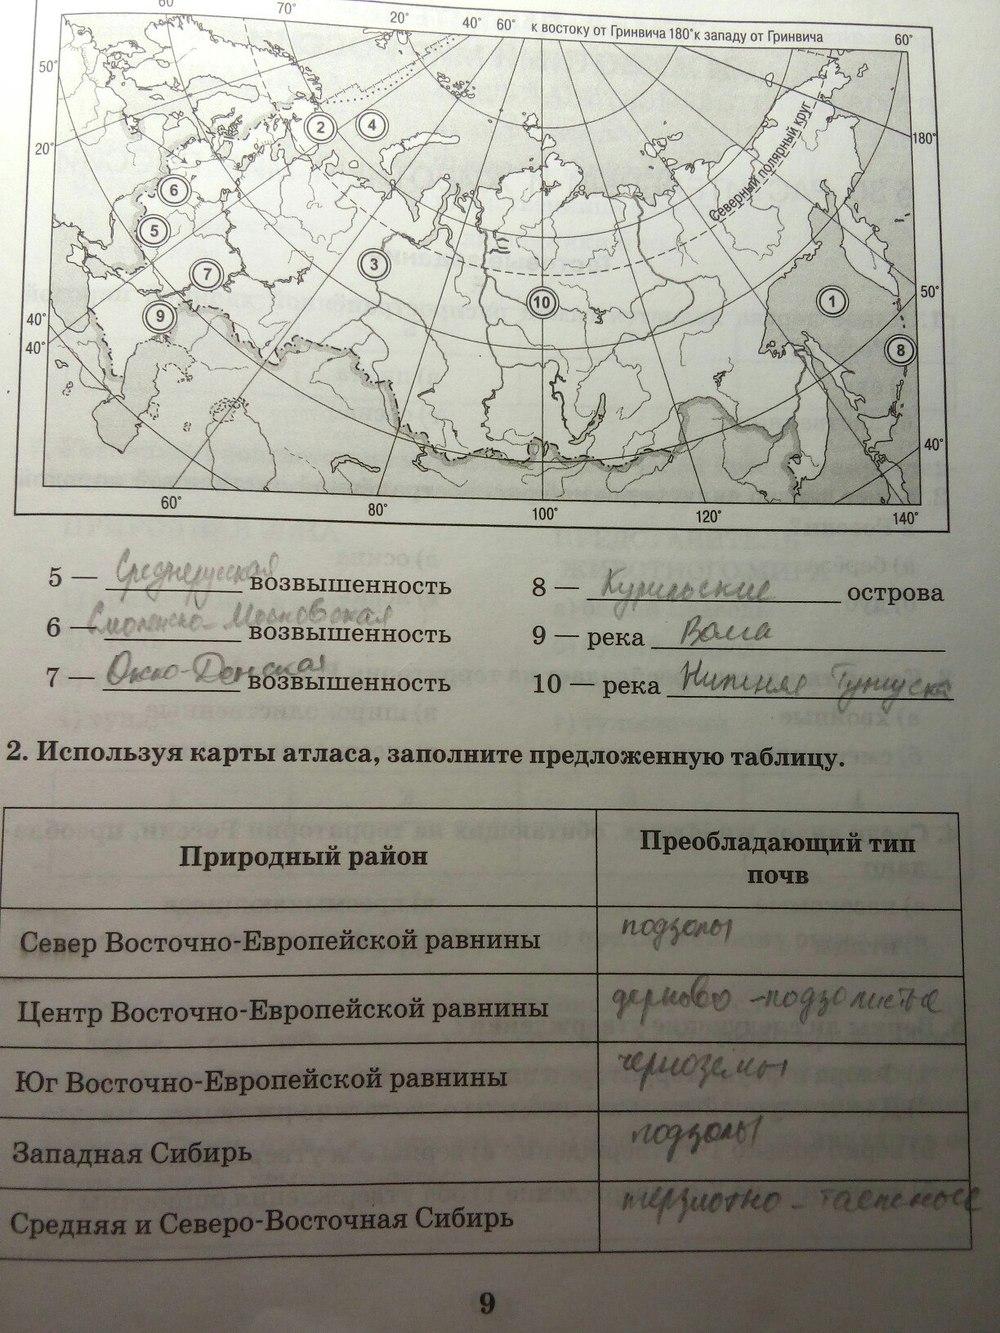 Гдз по географии 8 класс рабочая тетрадь баринова, суслов.